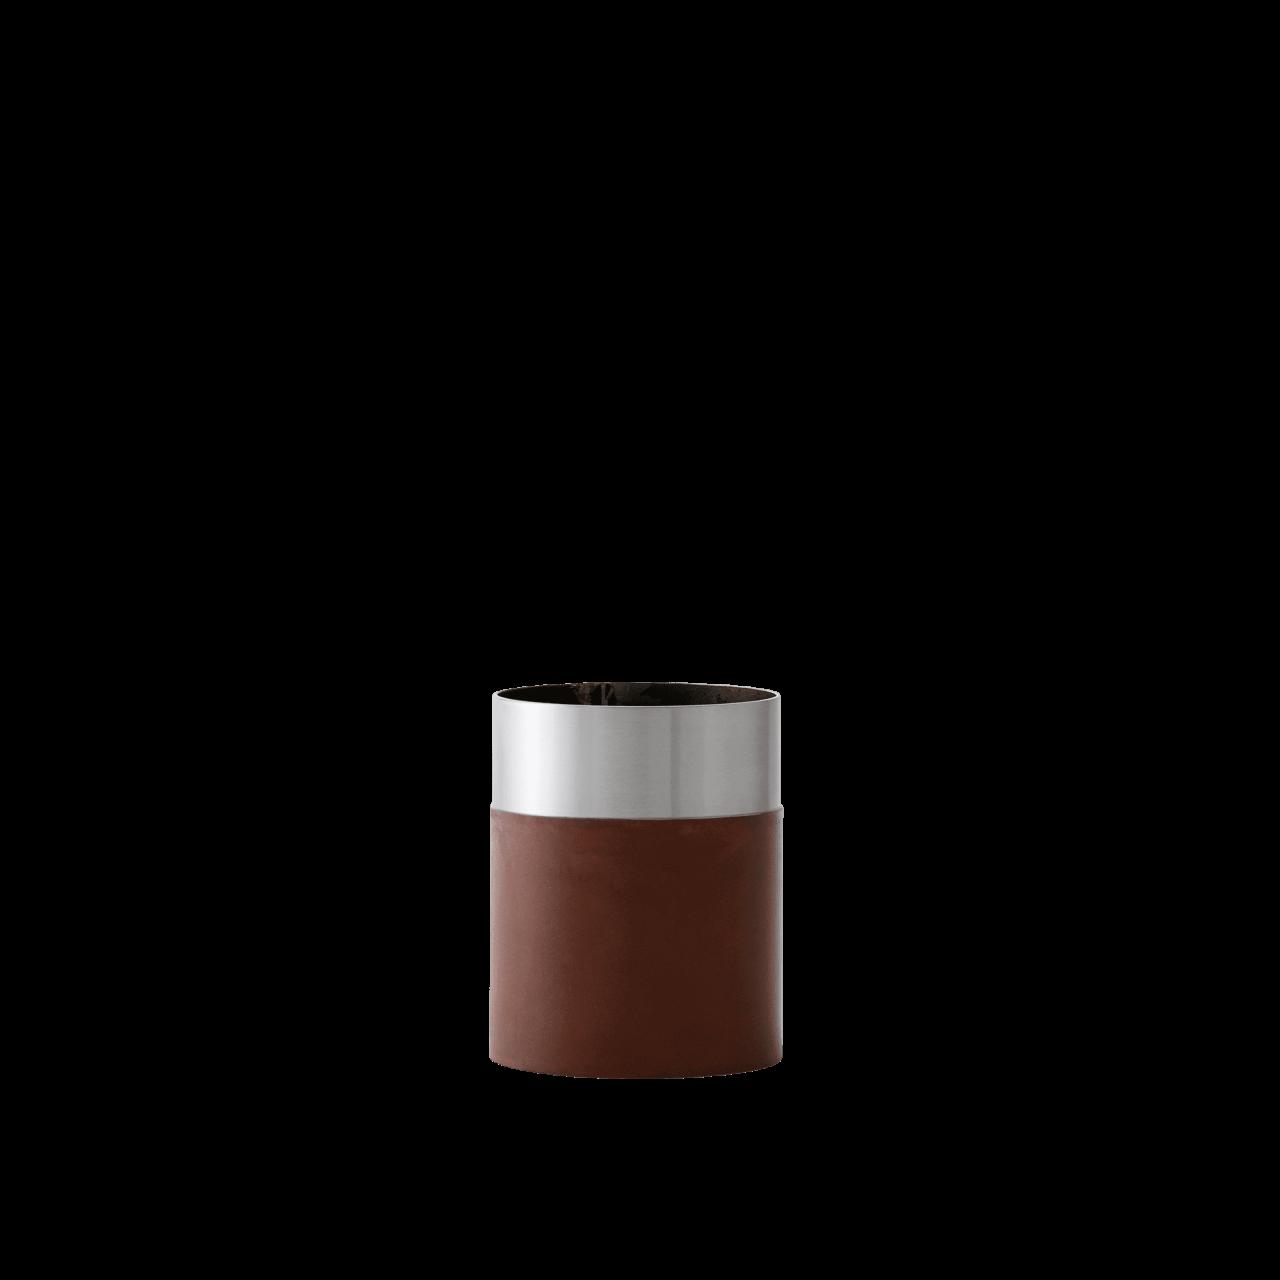 True Color Vase